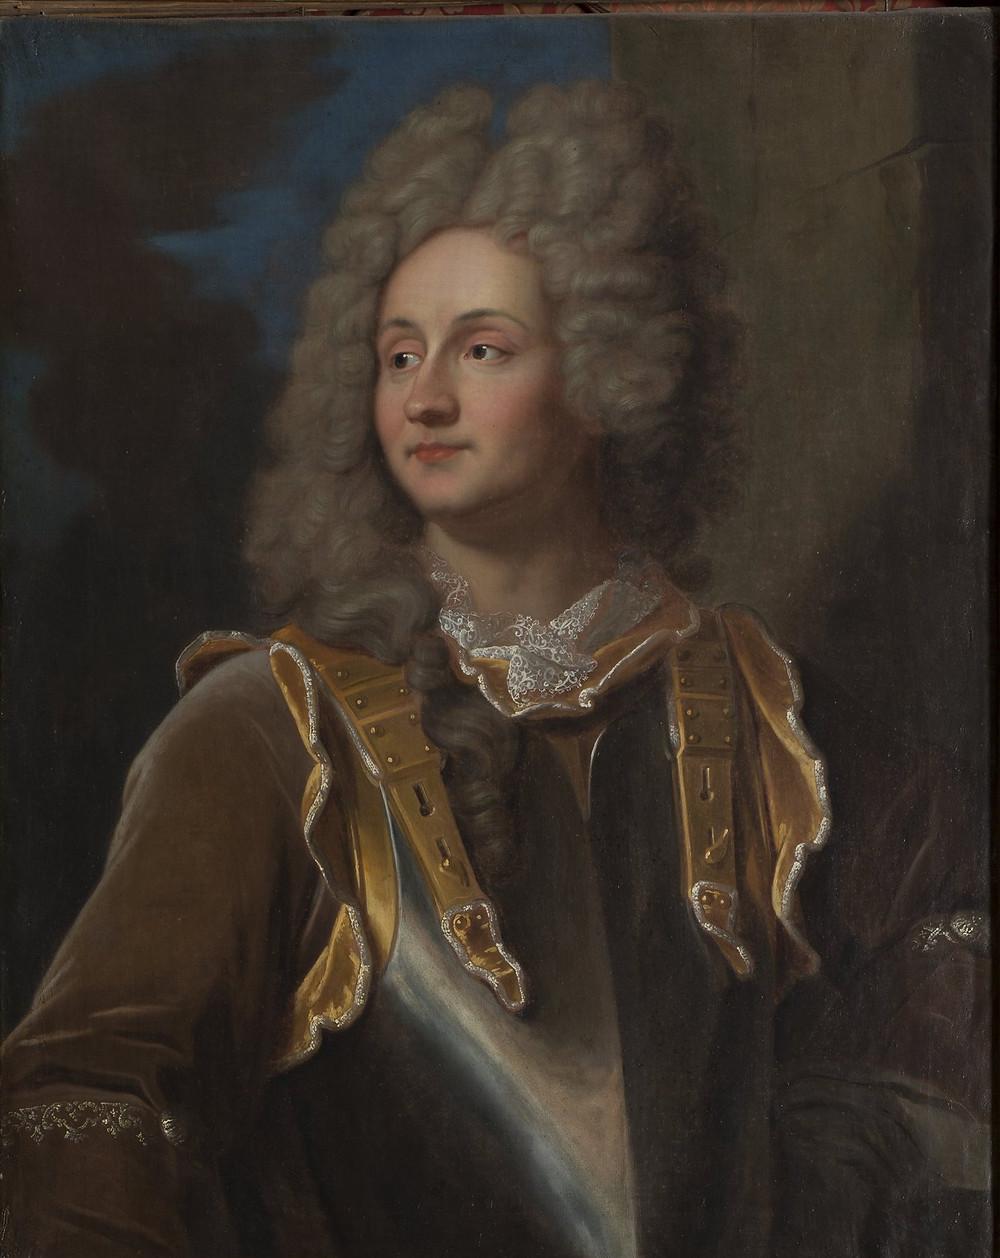 Atelier (?) de Hyacinthe Rigaud, Portrait de François Henri d'Estavayer-Mollondin, après 1705, Solothurn, Museum Blumenstein, inv. 1955.79